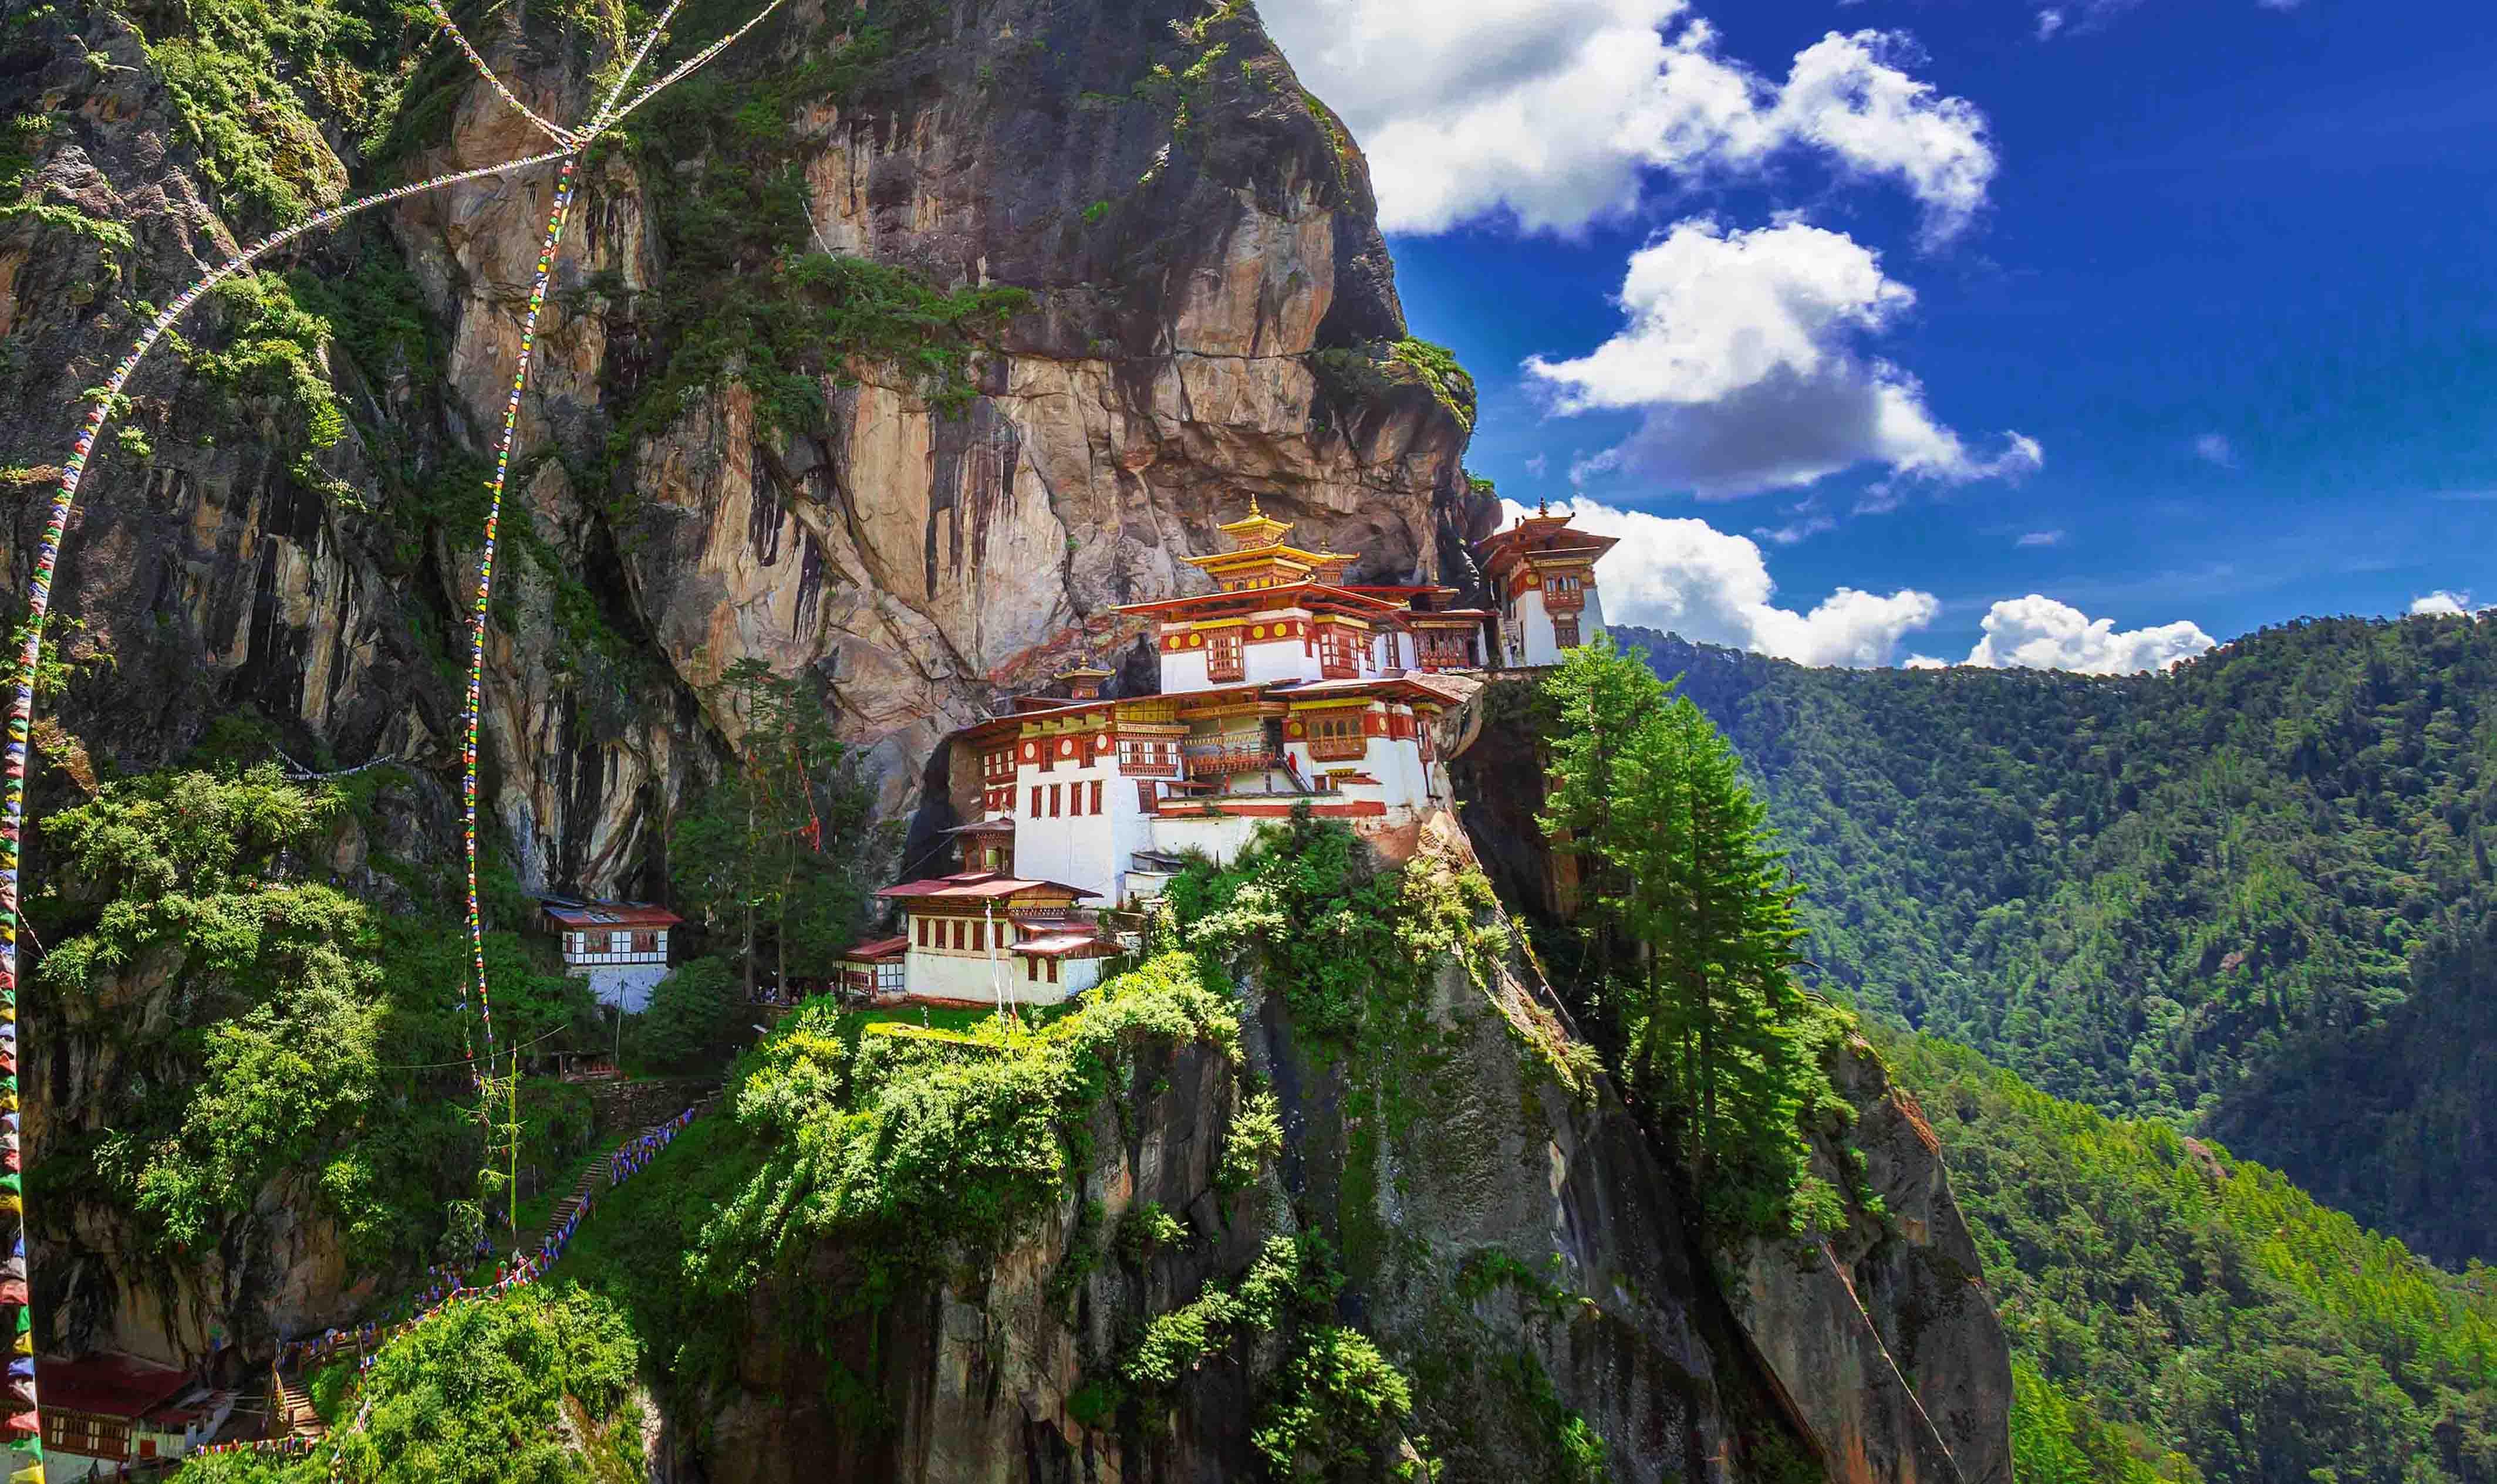 Tour du lịch Bhutan liên tuyến